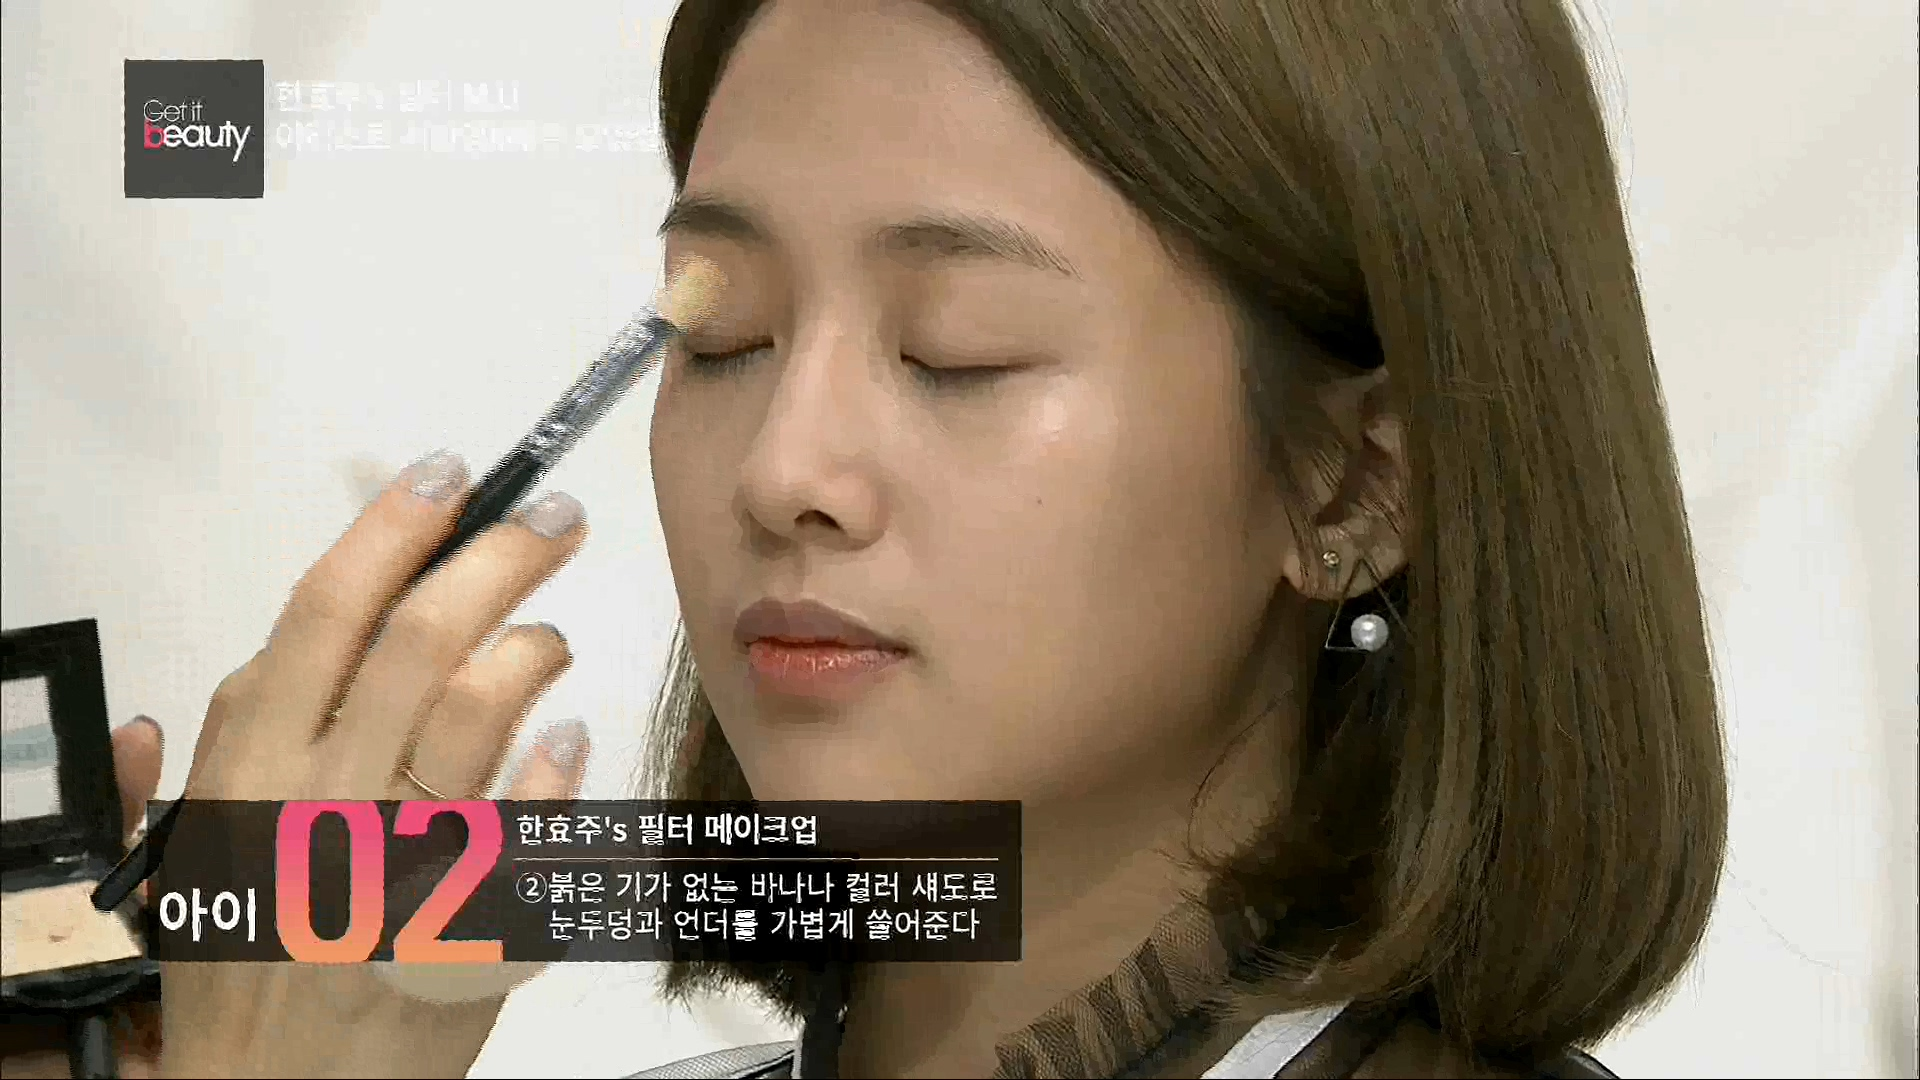 한효주's 필터 메이크업 #아이 붉은 기가 없는 바나나 컬러 섀도로 눈두덩과 언더를 가볍게 쓸어준다